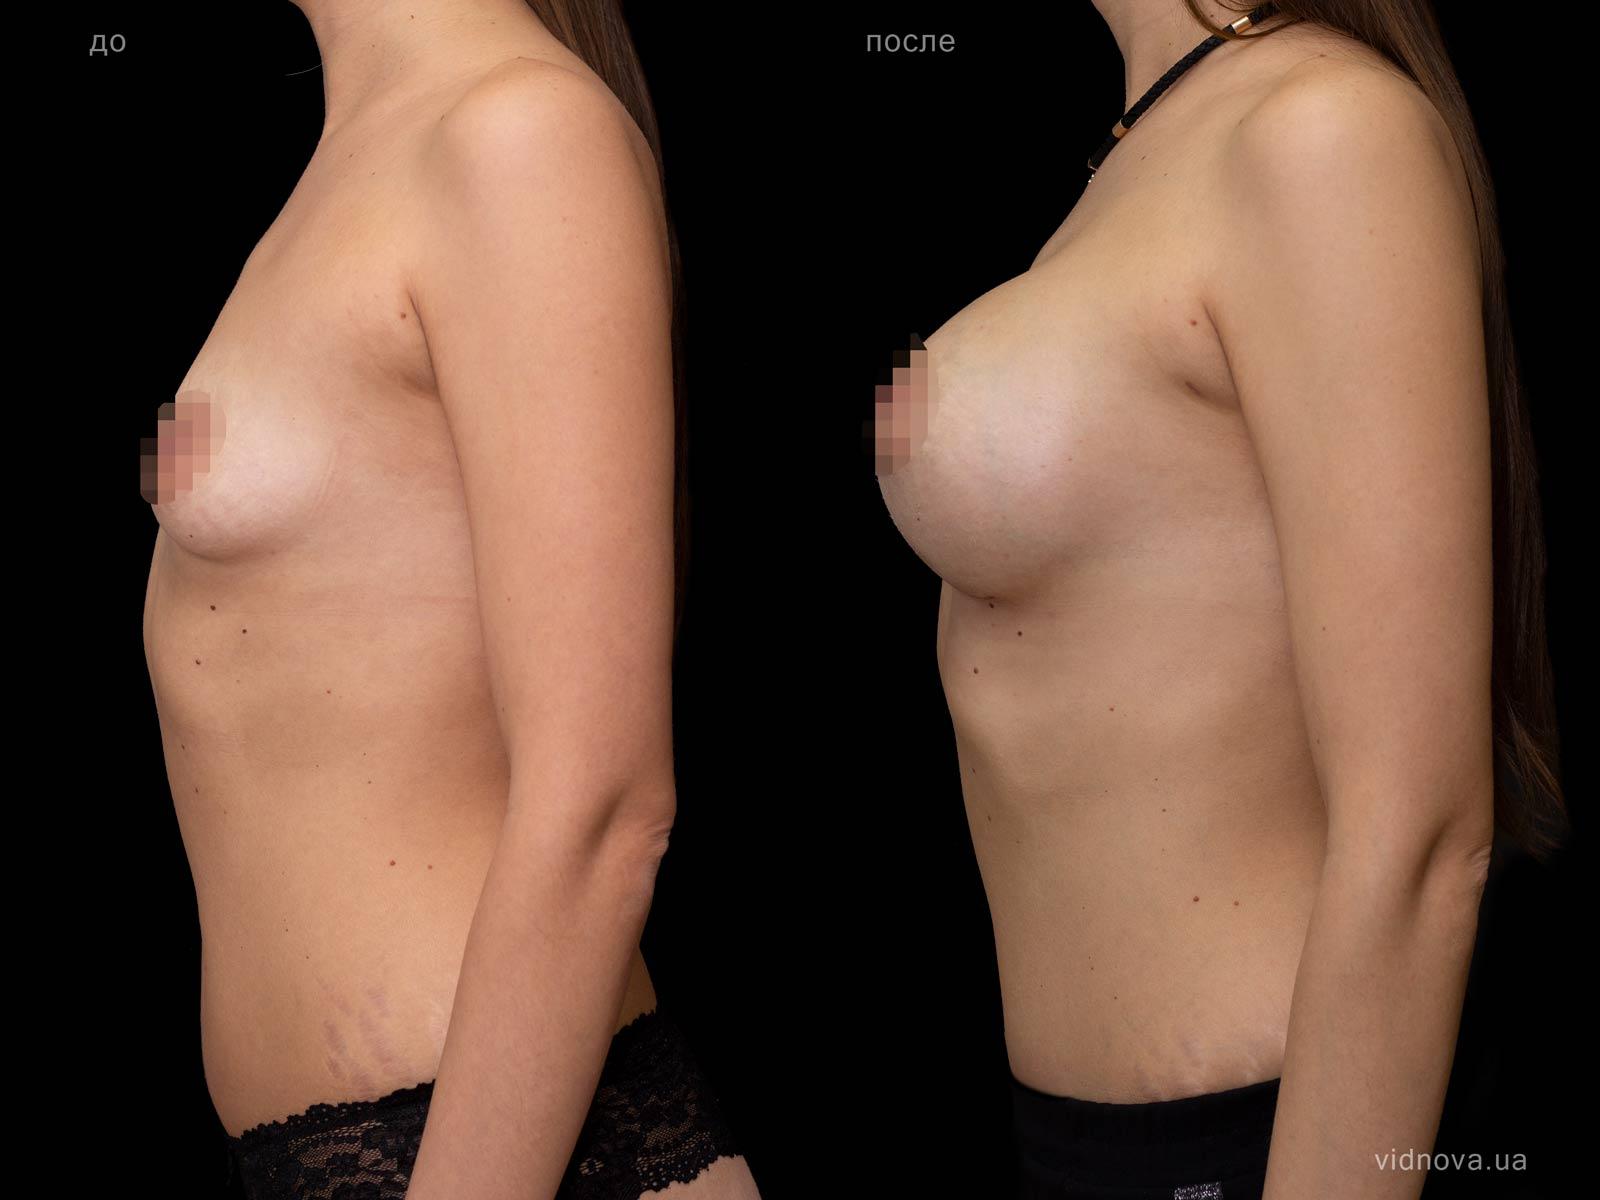 Пластика груди: результаты до и после - Пример №92-2 - Светлана Работенко